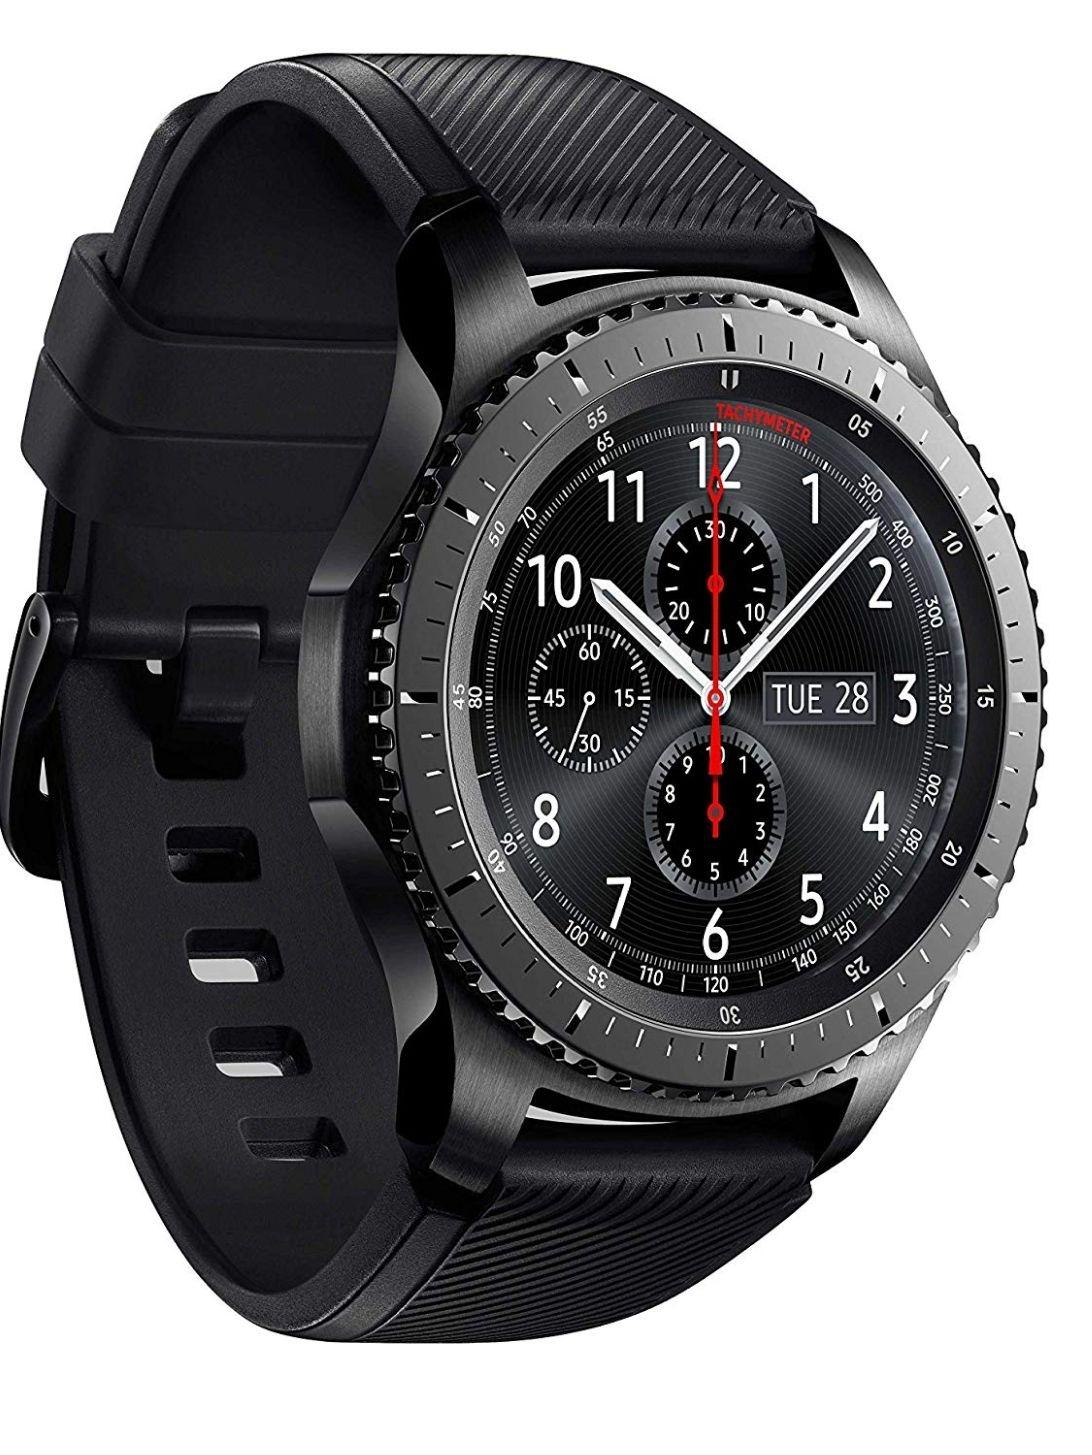 Samsung SM-R760NDAADBT Gear S3 frontier Smartwatch